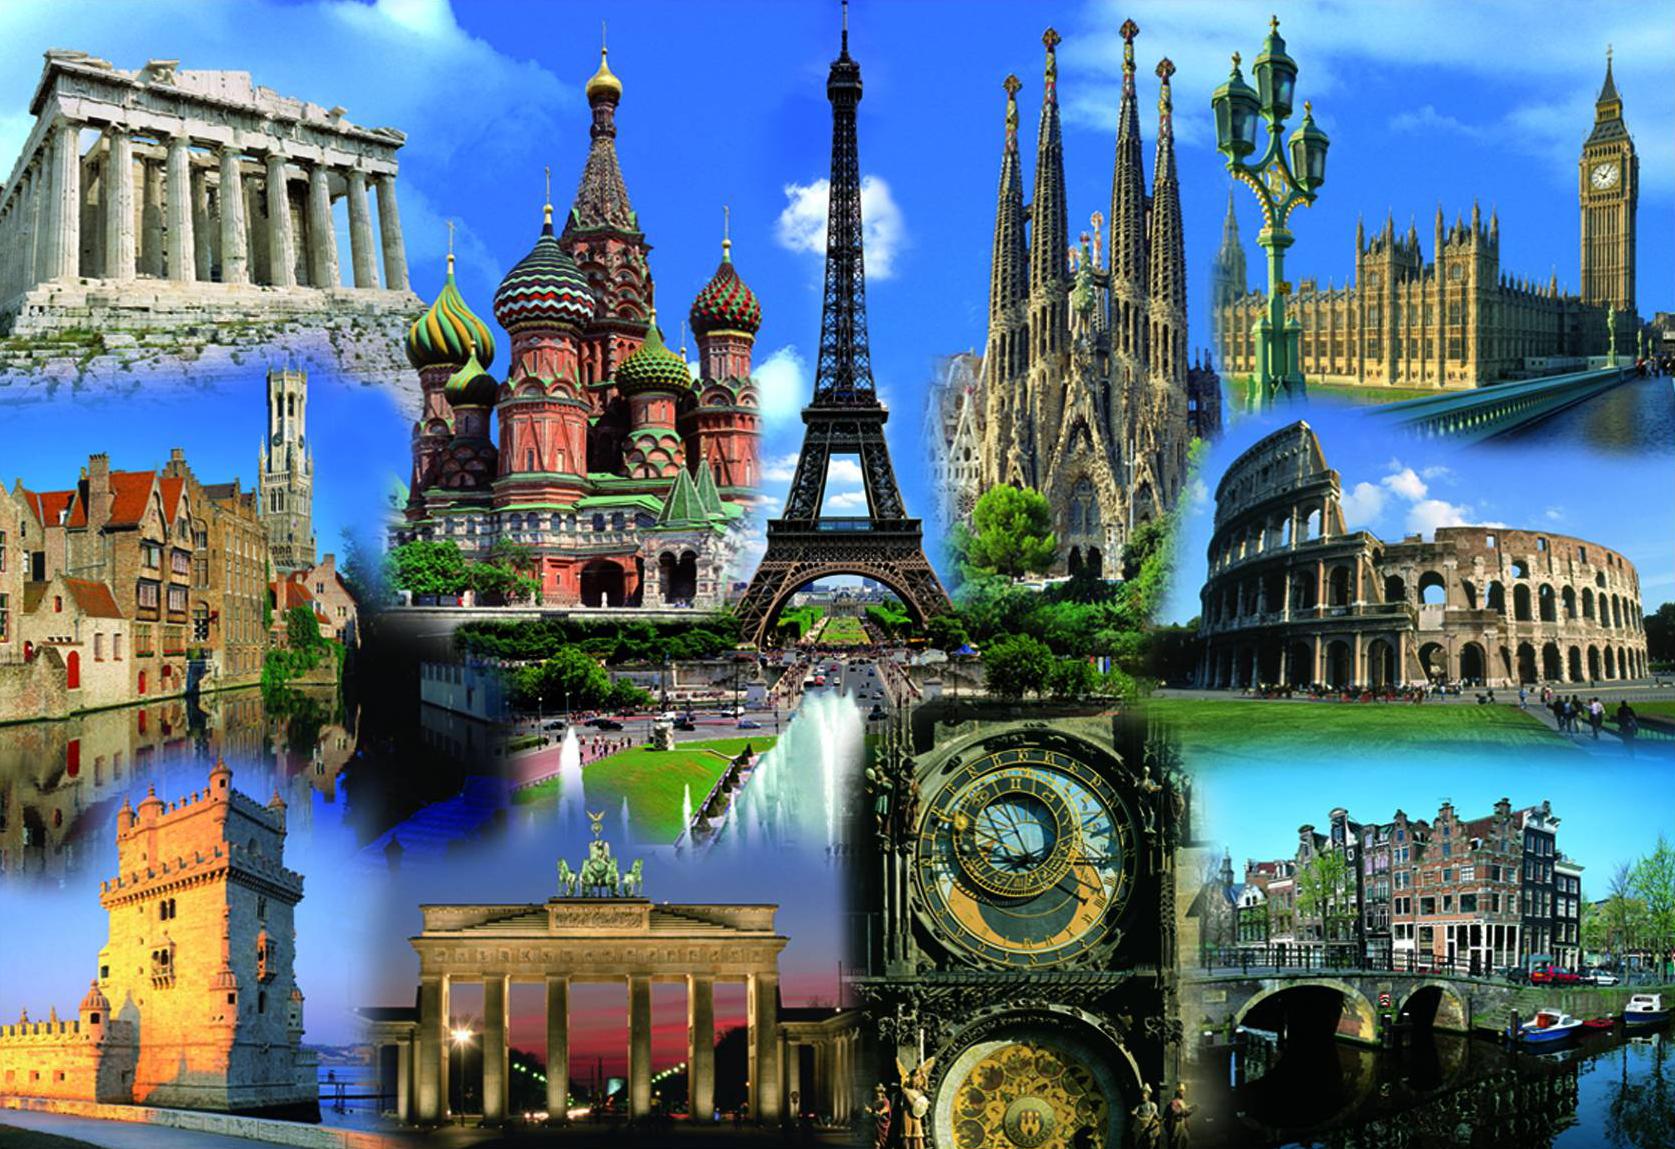 погибели собственного открытки разных стран мира можем быть